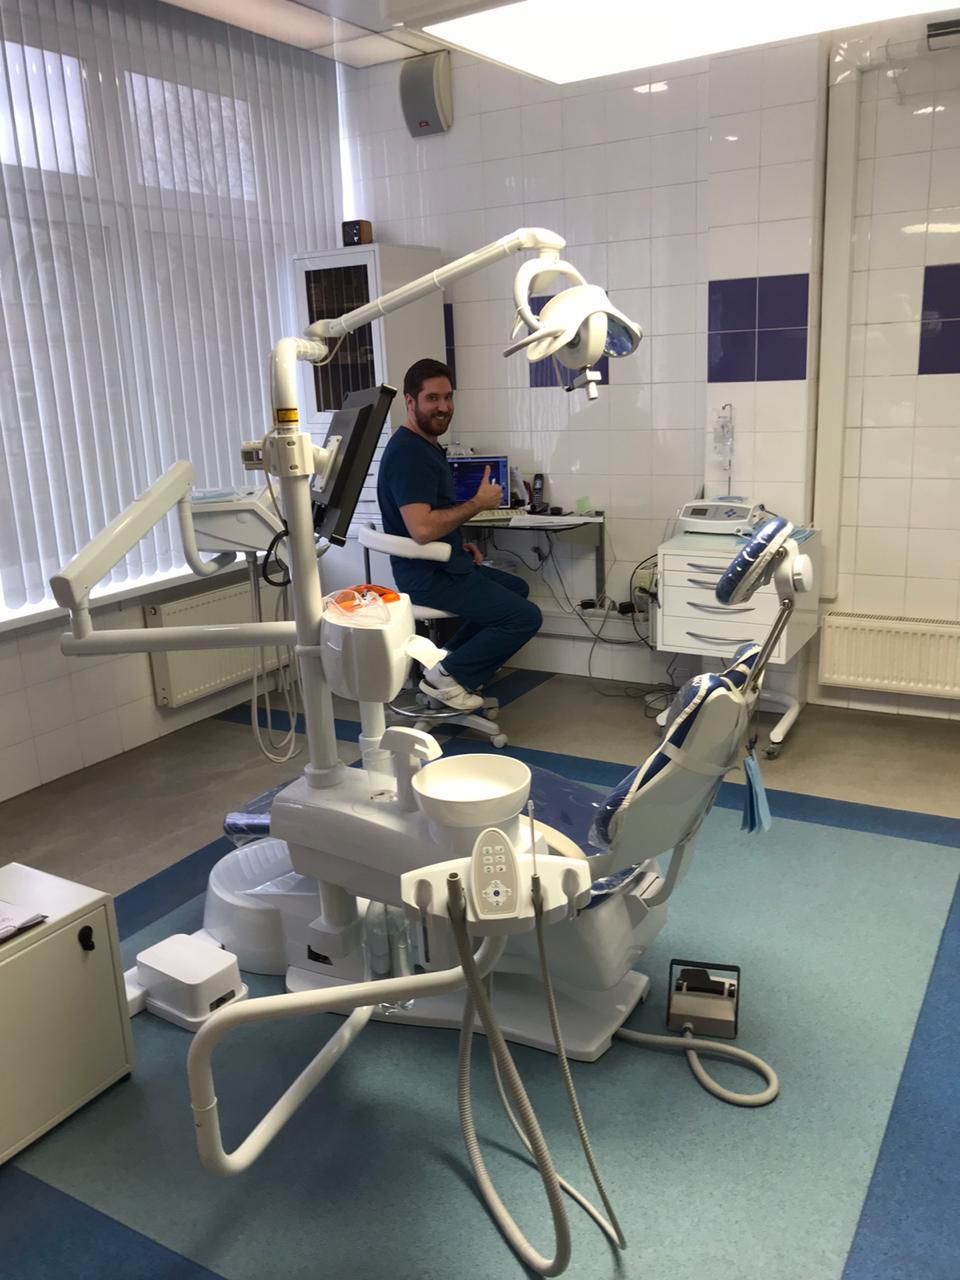 Стоматолог в кабинете за компьютером